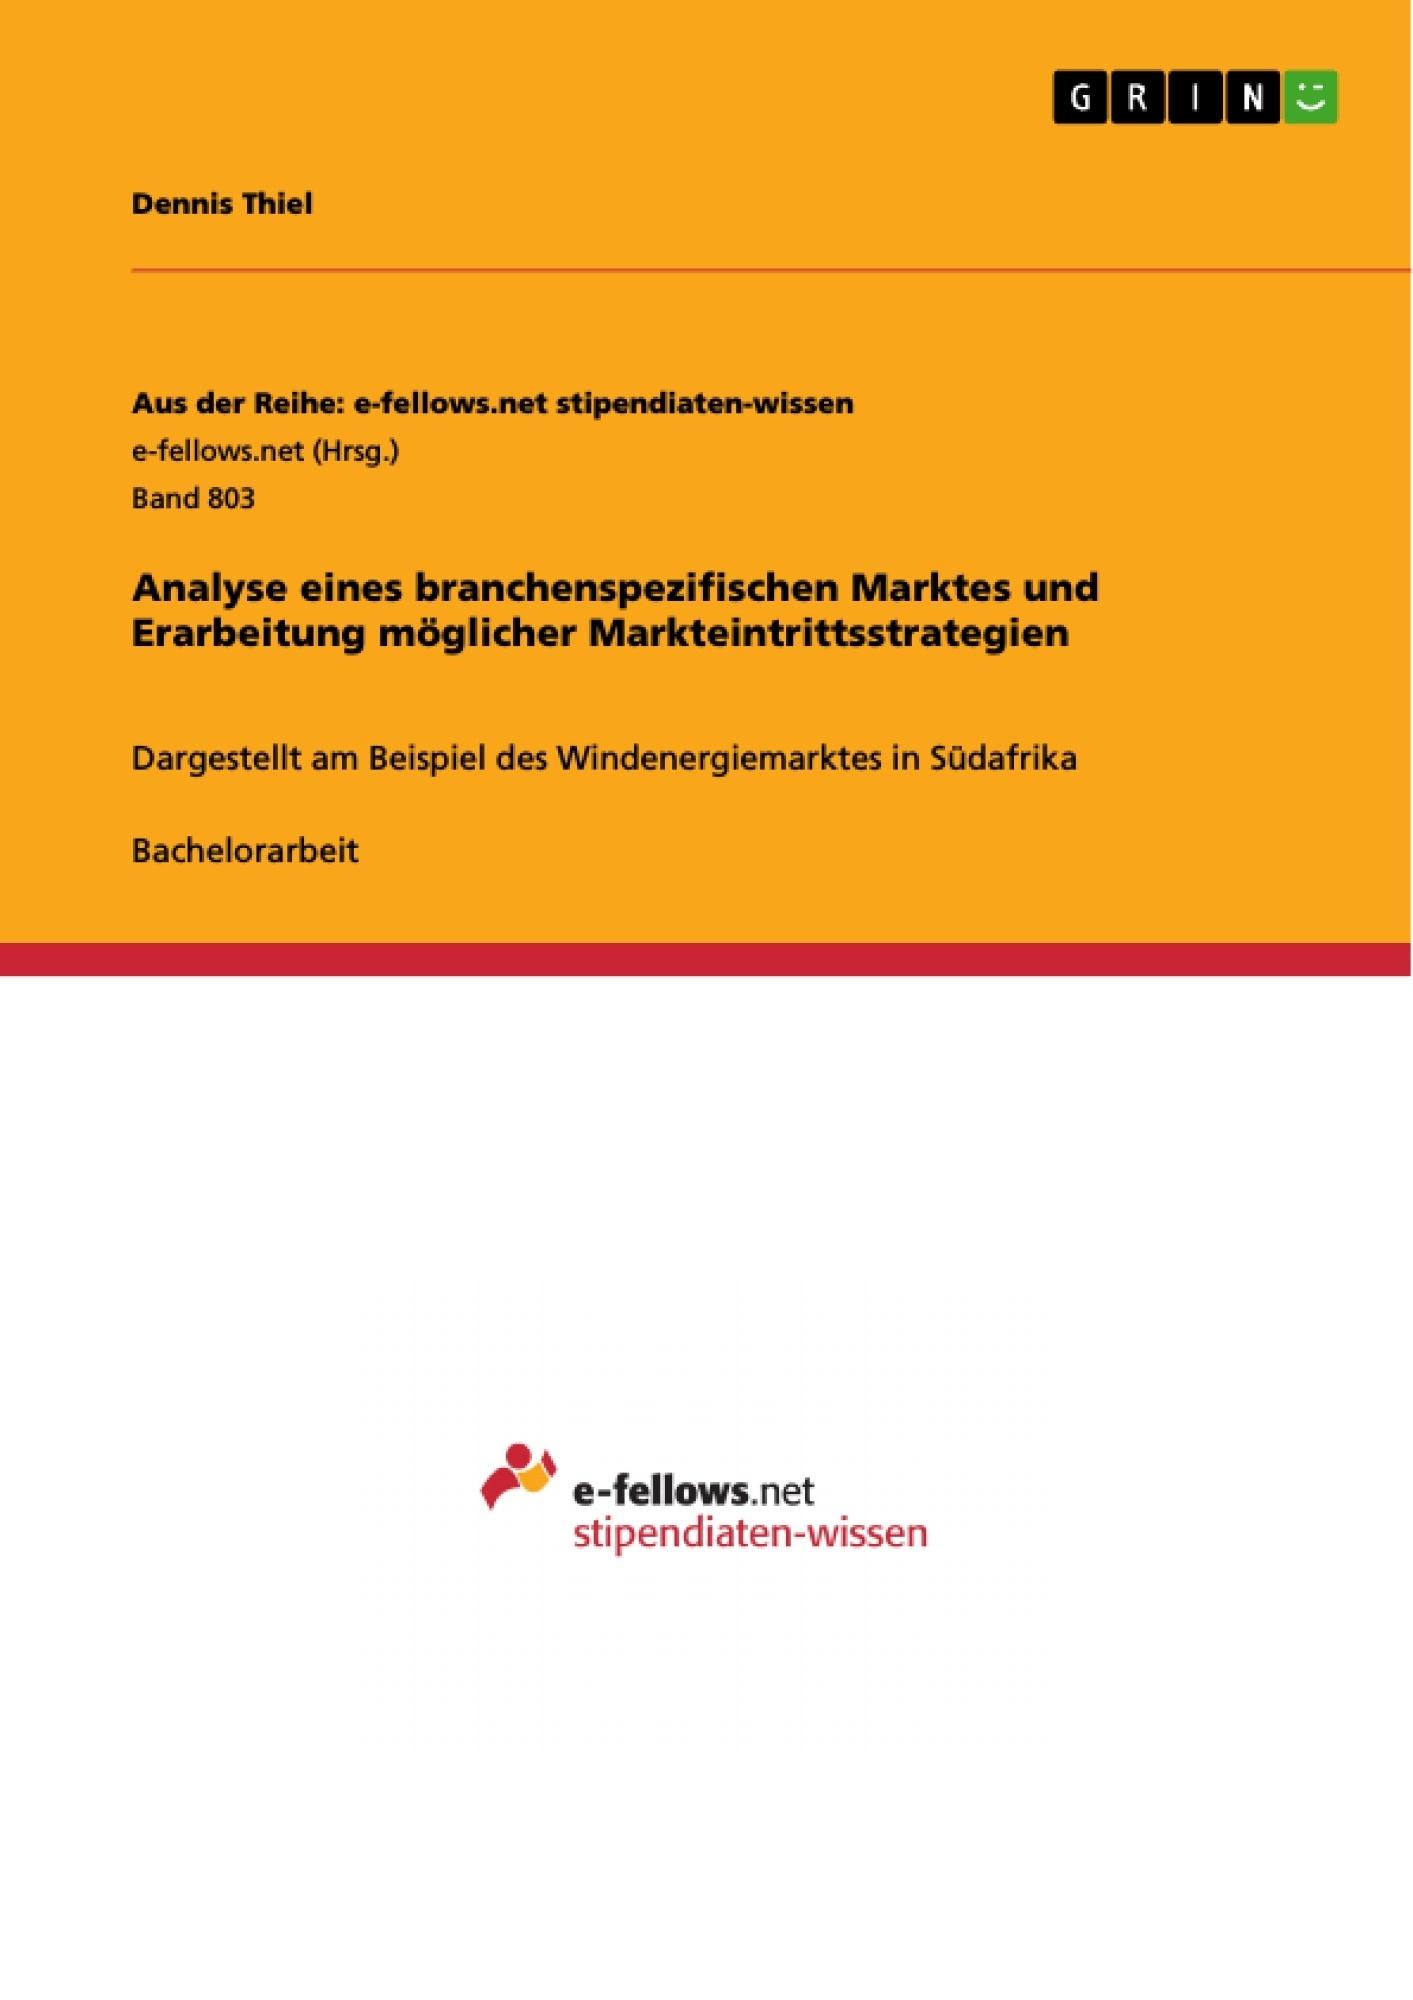 Titel: Analyse eines branchenspezifischen Marktes und Erarbeitung möglicher Markteintrittsstrategien